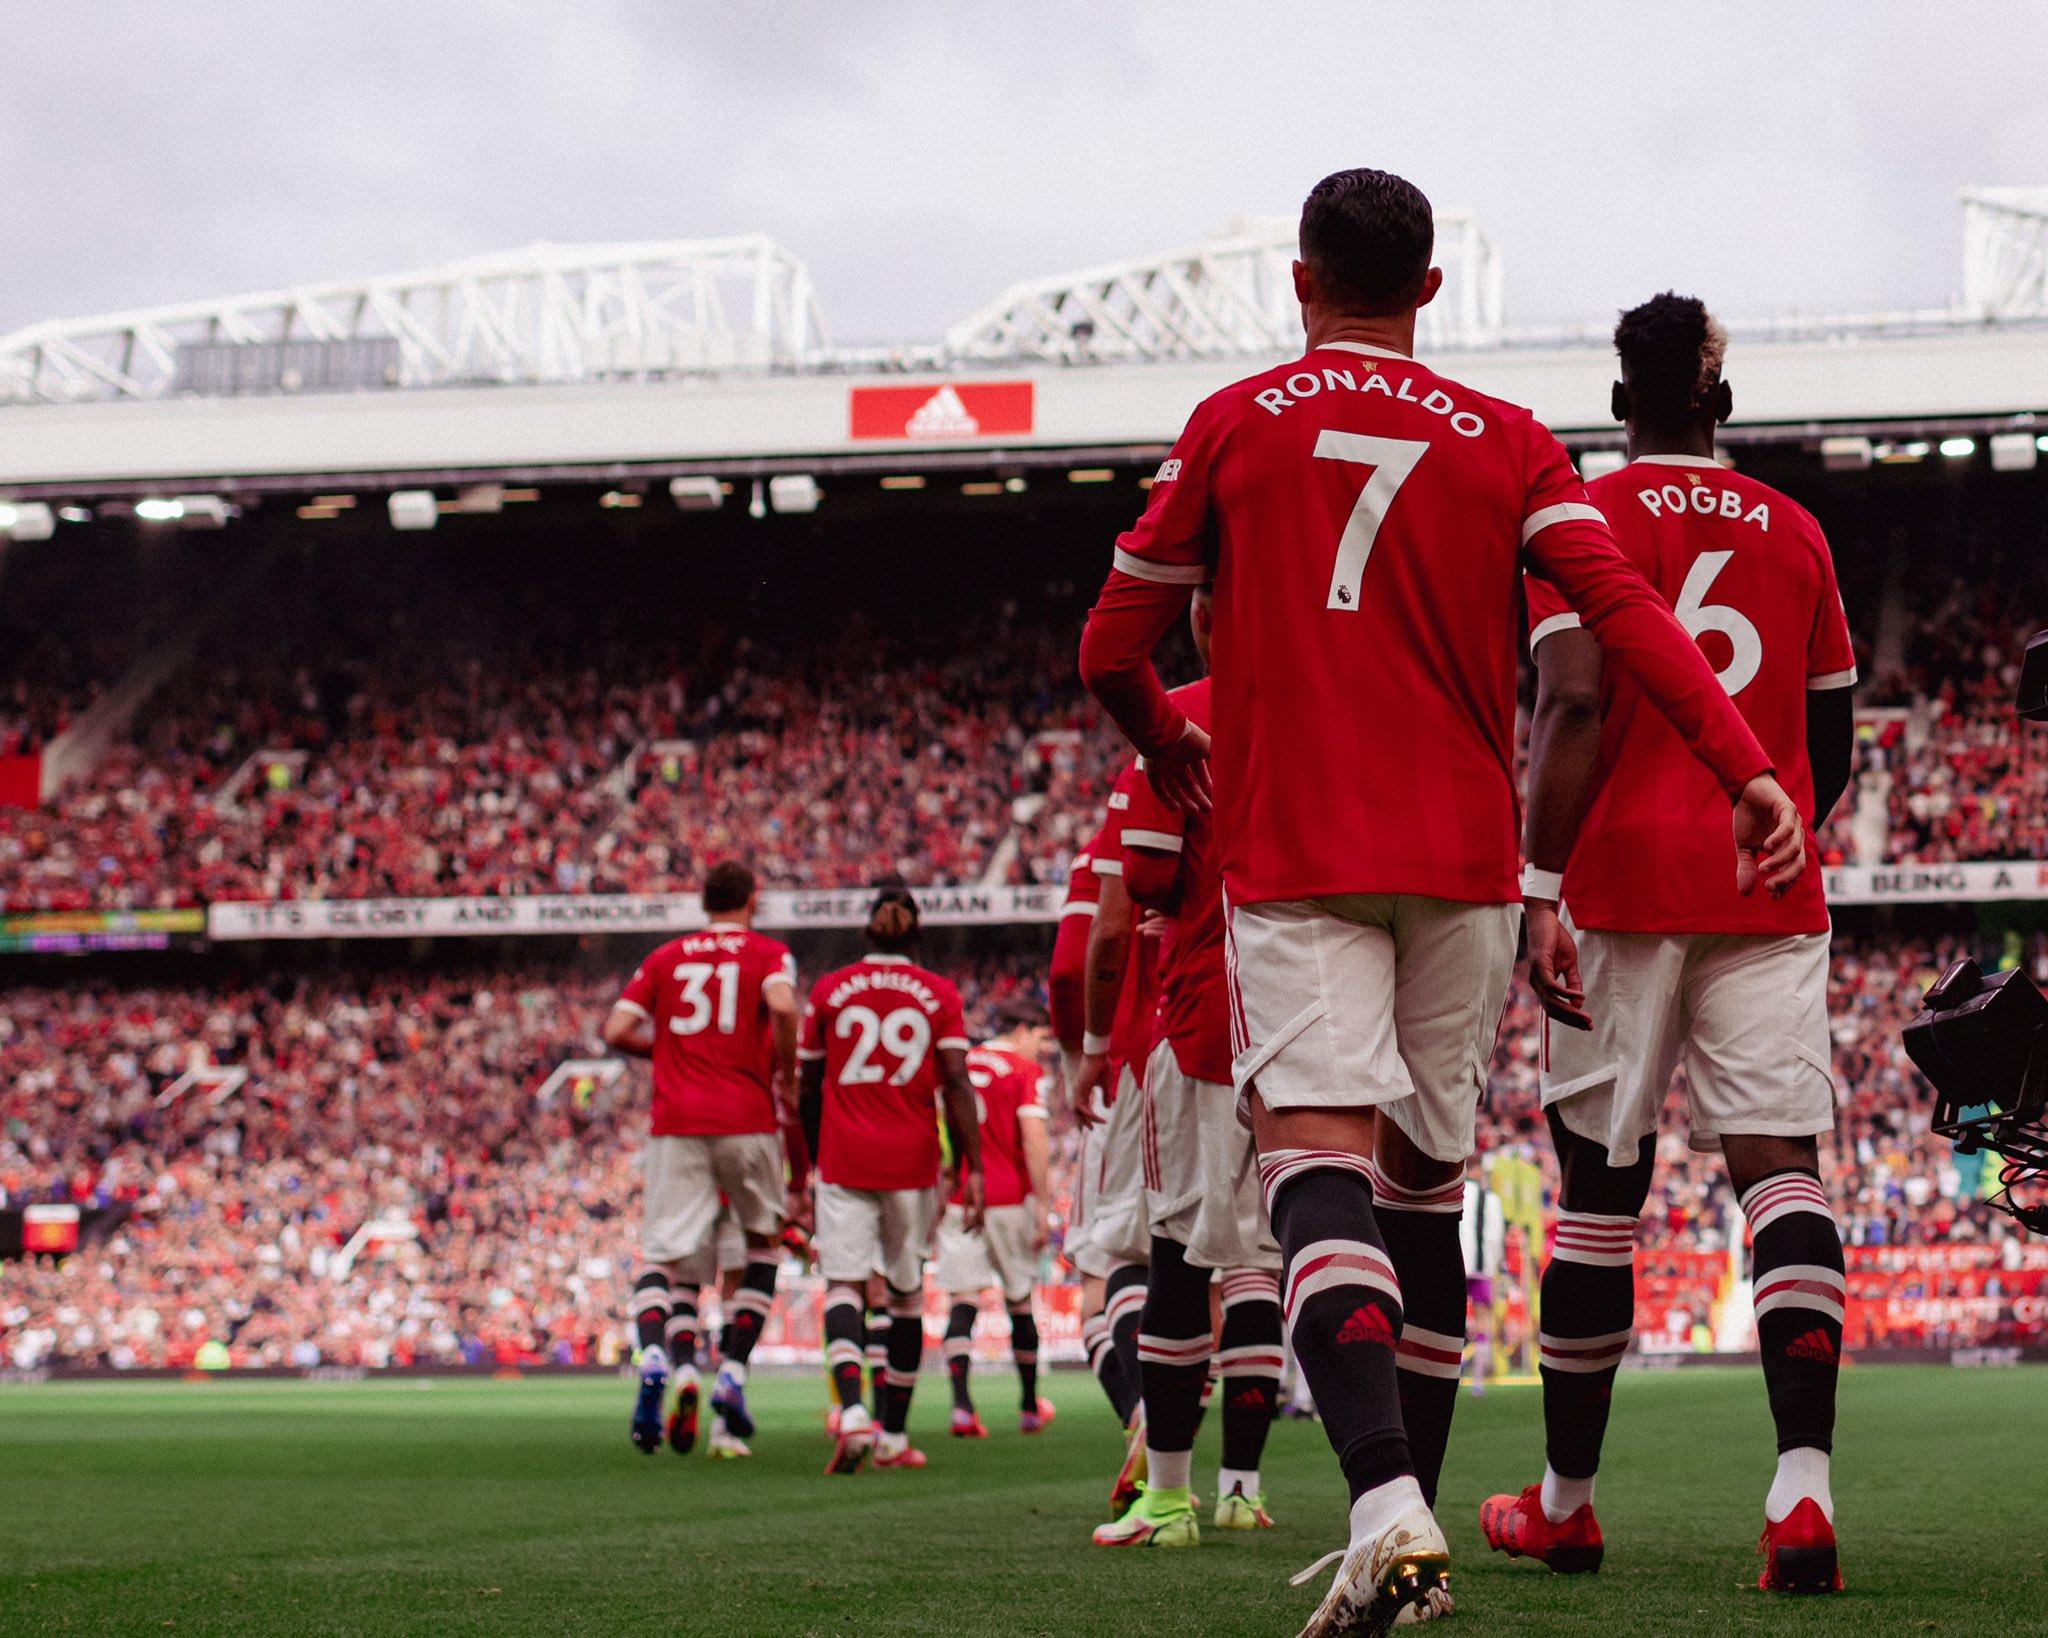 Ronaldo xem việc được bước ra sân Old Trafford ngập tràn sắc đỏ và chìm trong tiếng hô vang tên anh của các CĐV là một đặc ân, nguồn động viên tinh thần lớn. Ảnh: Twitter / Man Utd